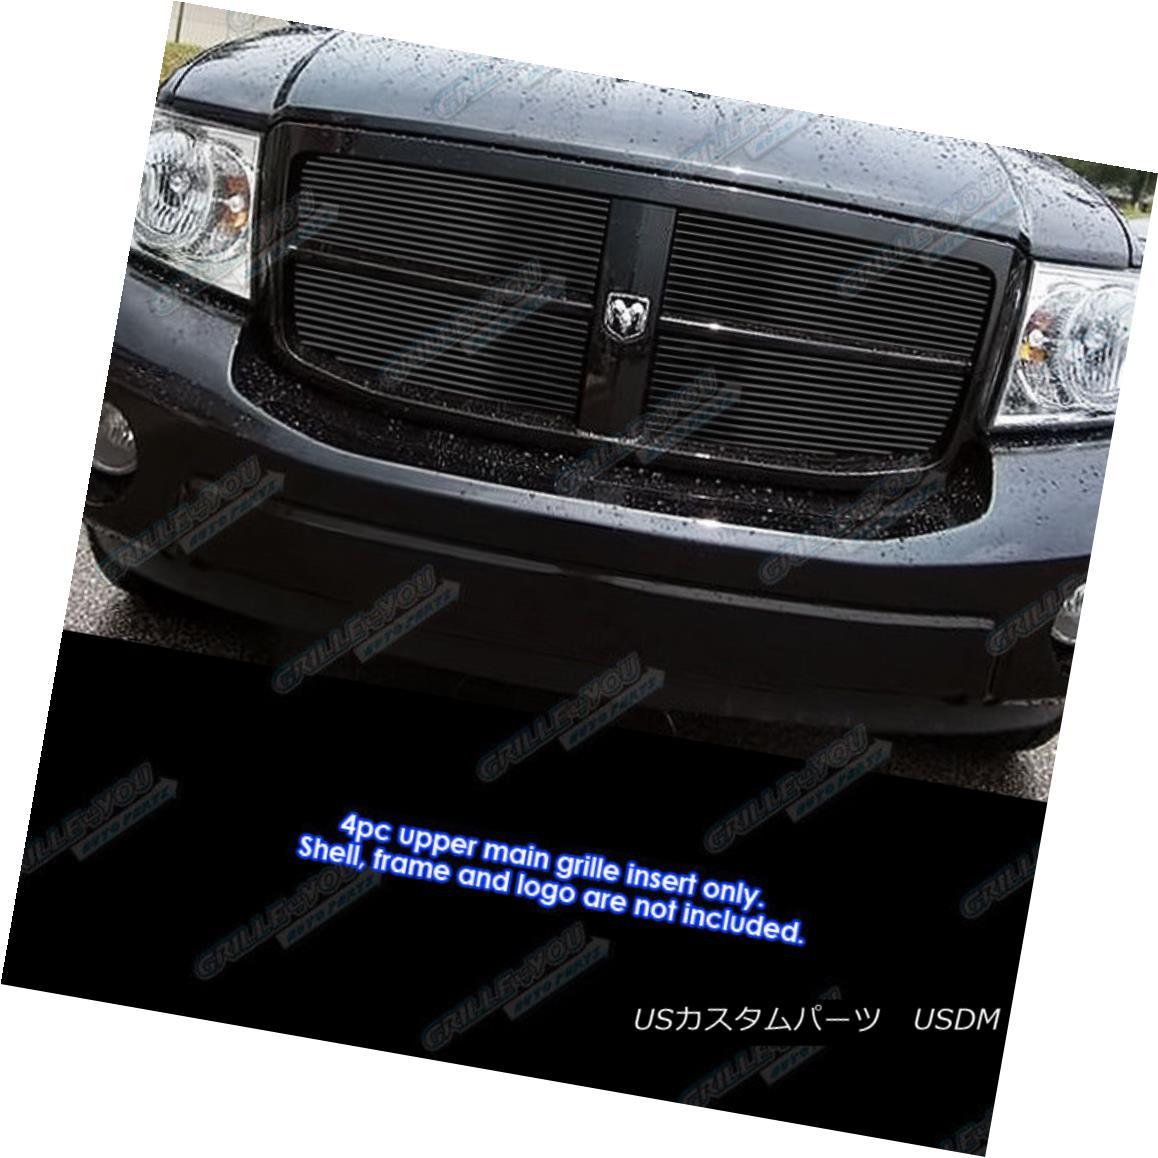 グリル Fits 2007-2010 Dodge Durango Black Billet Grille Grill Insert フィット2007-2010ドッジドゥランゴブラックビレットグリルグリルの挿入